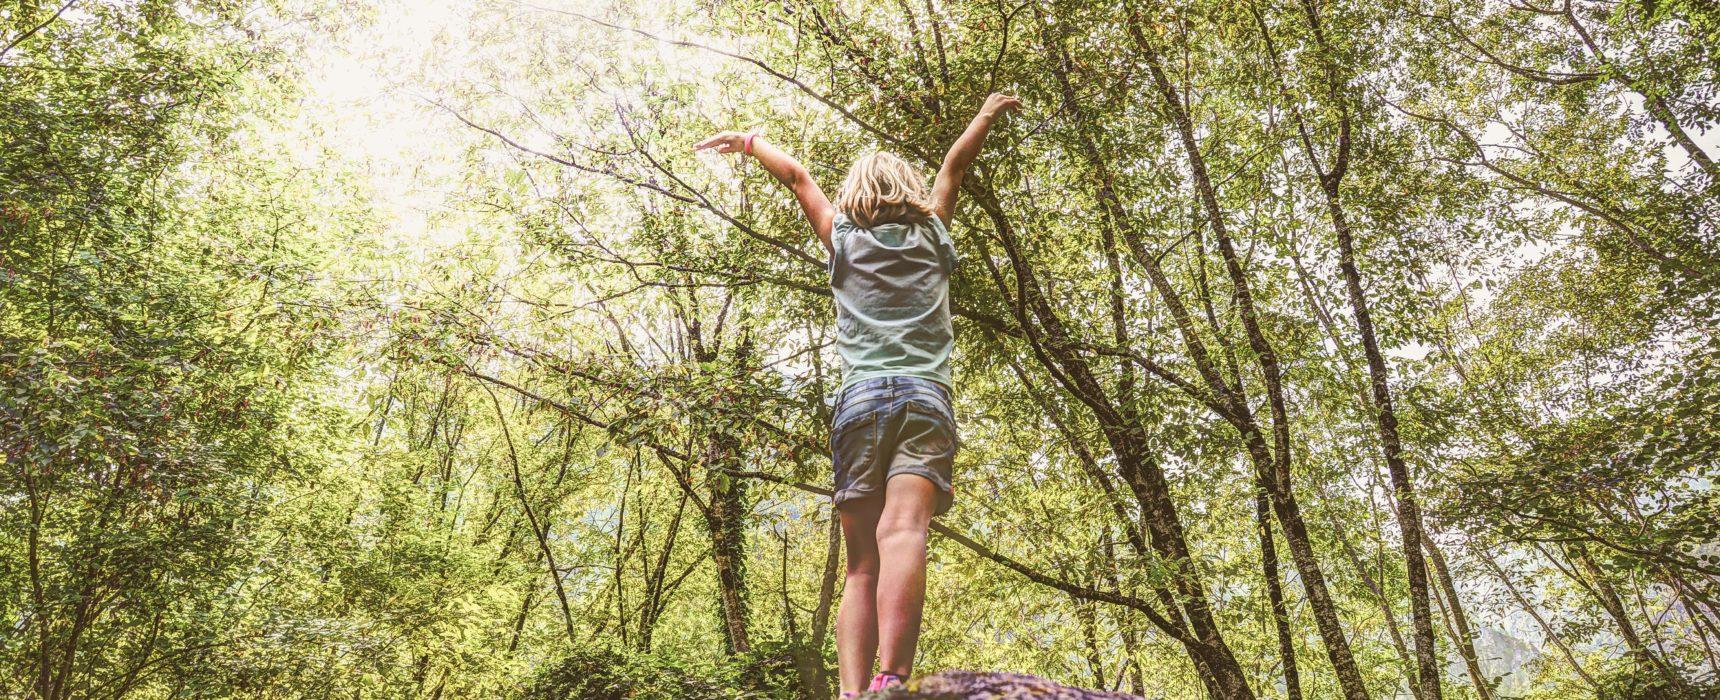 Kind steht glücklich im Wald.